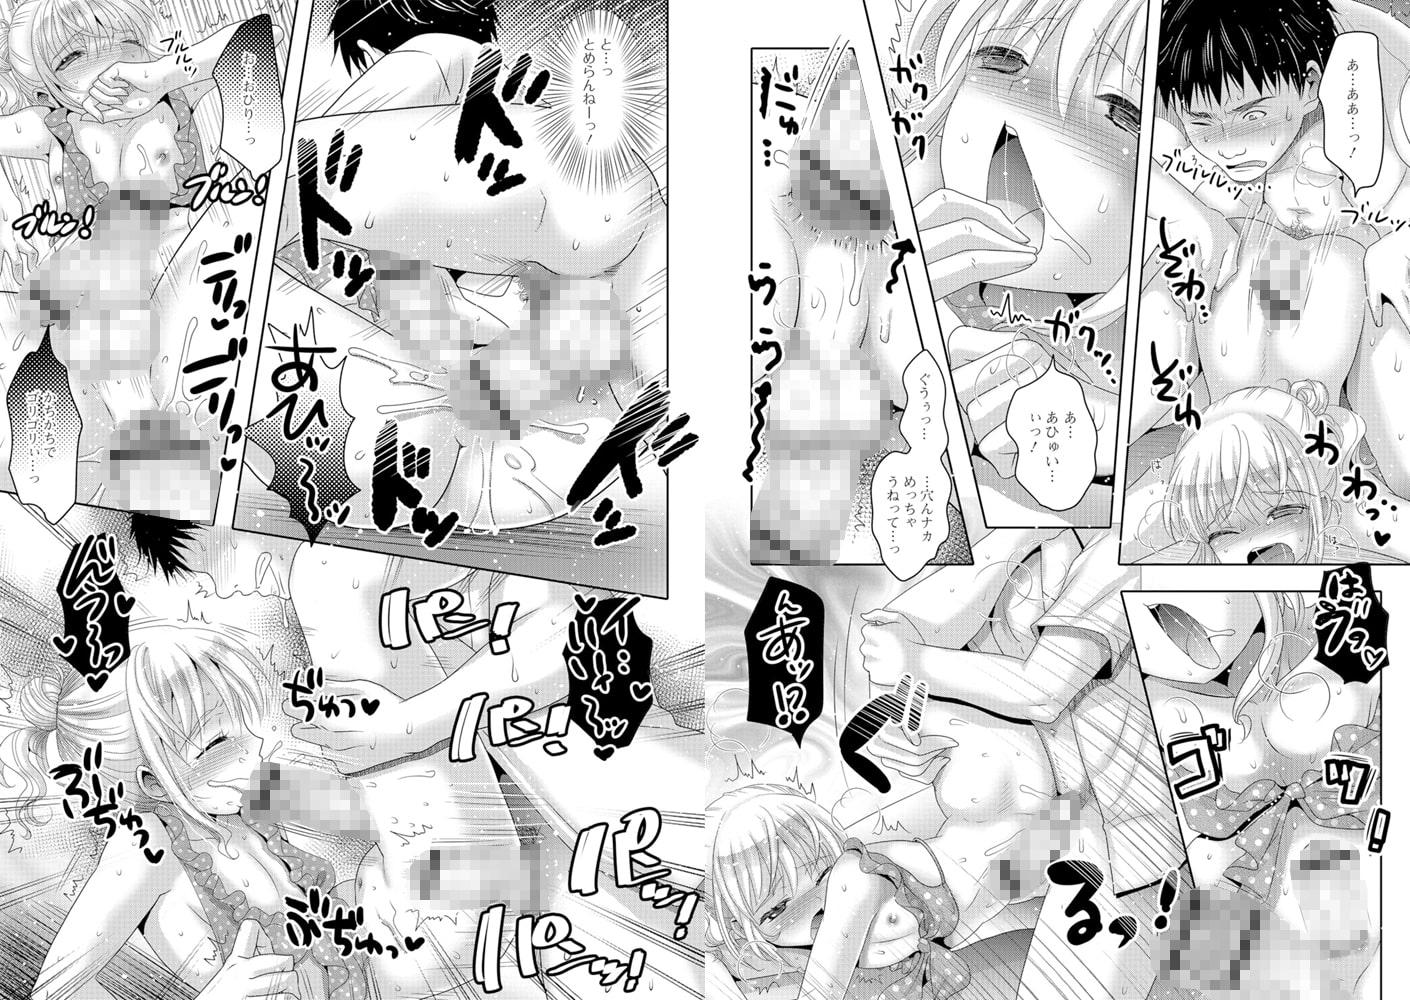 月刊Web男の娘・れくしょんッ! S Vol.32